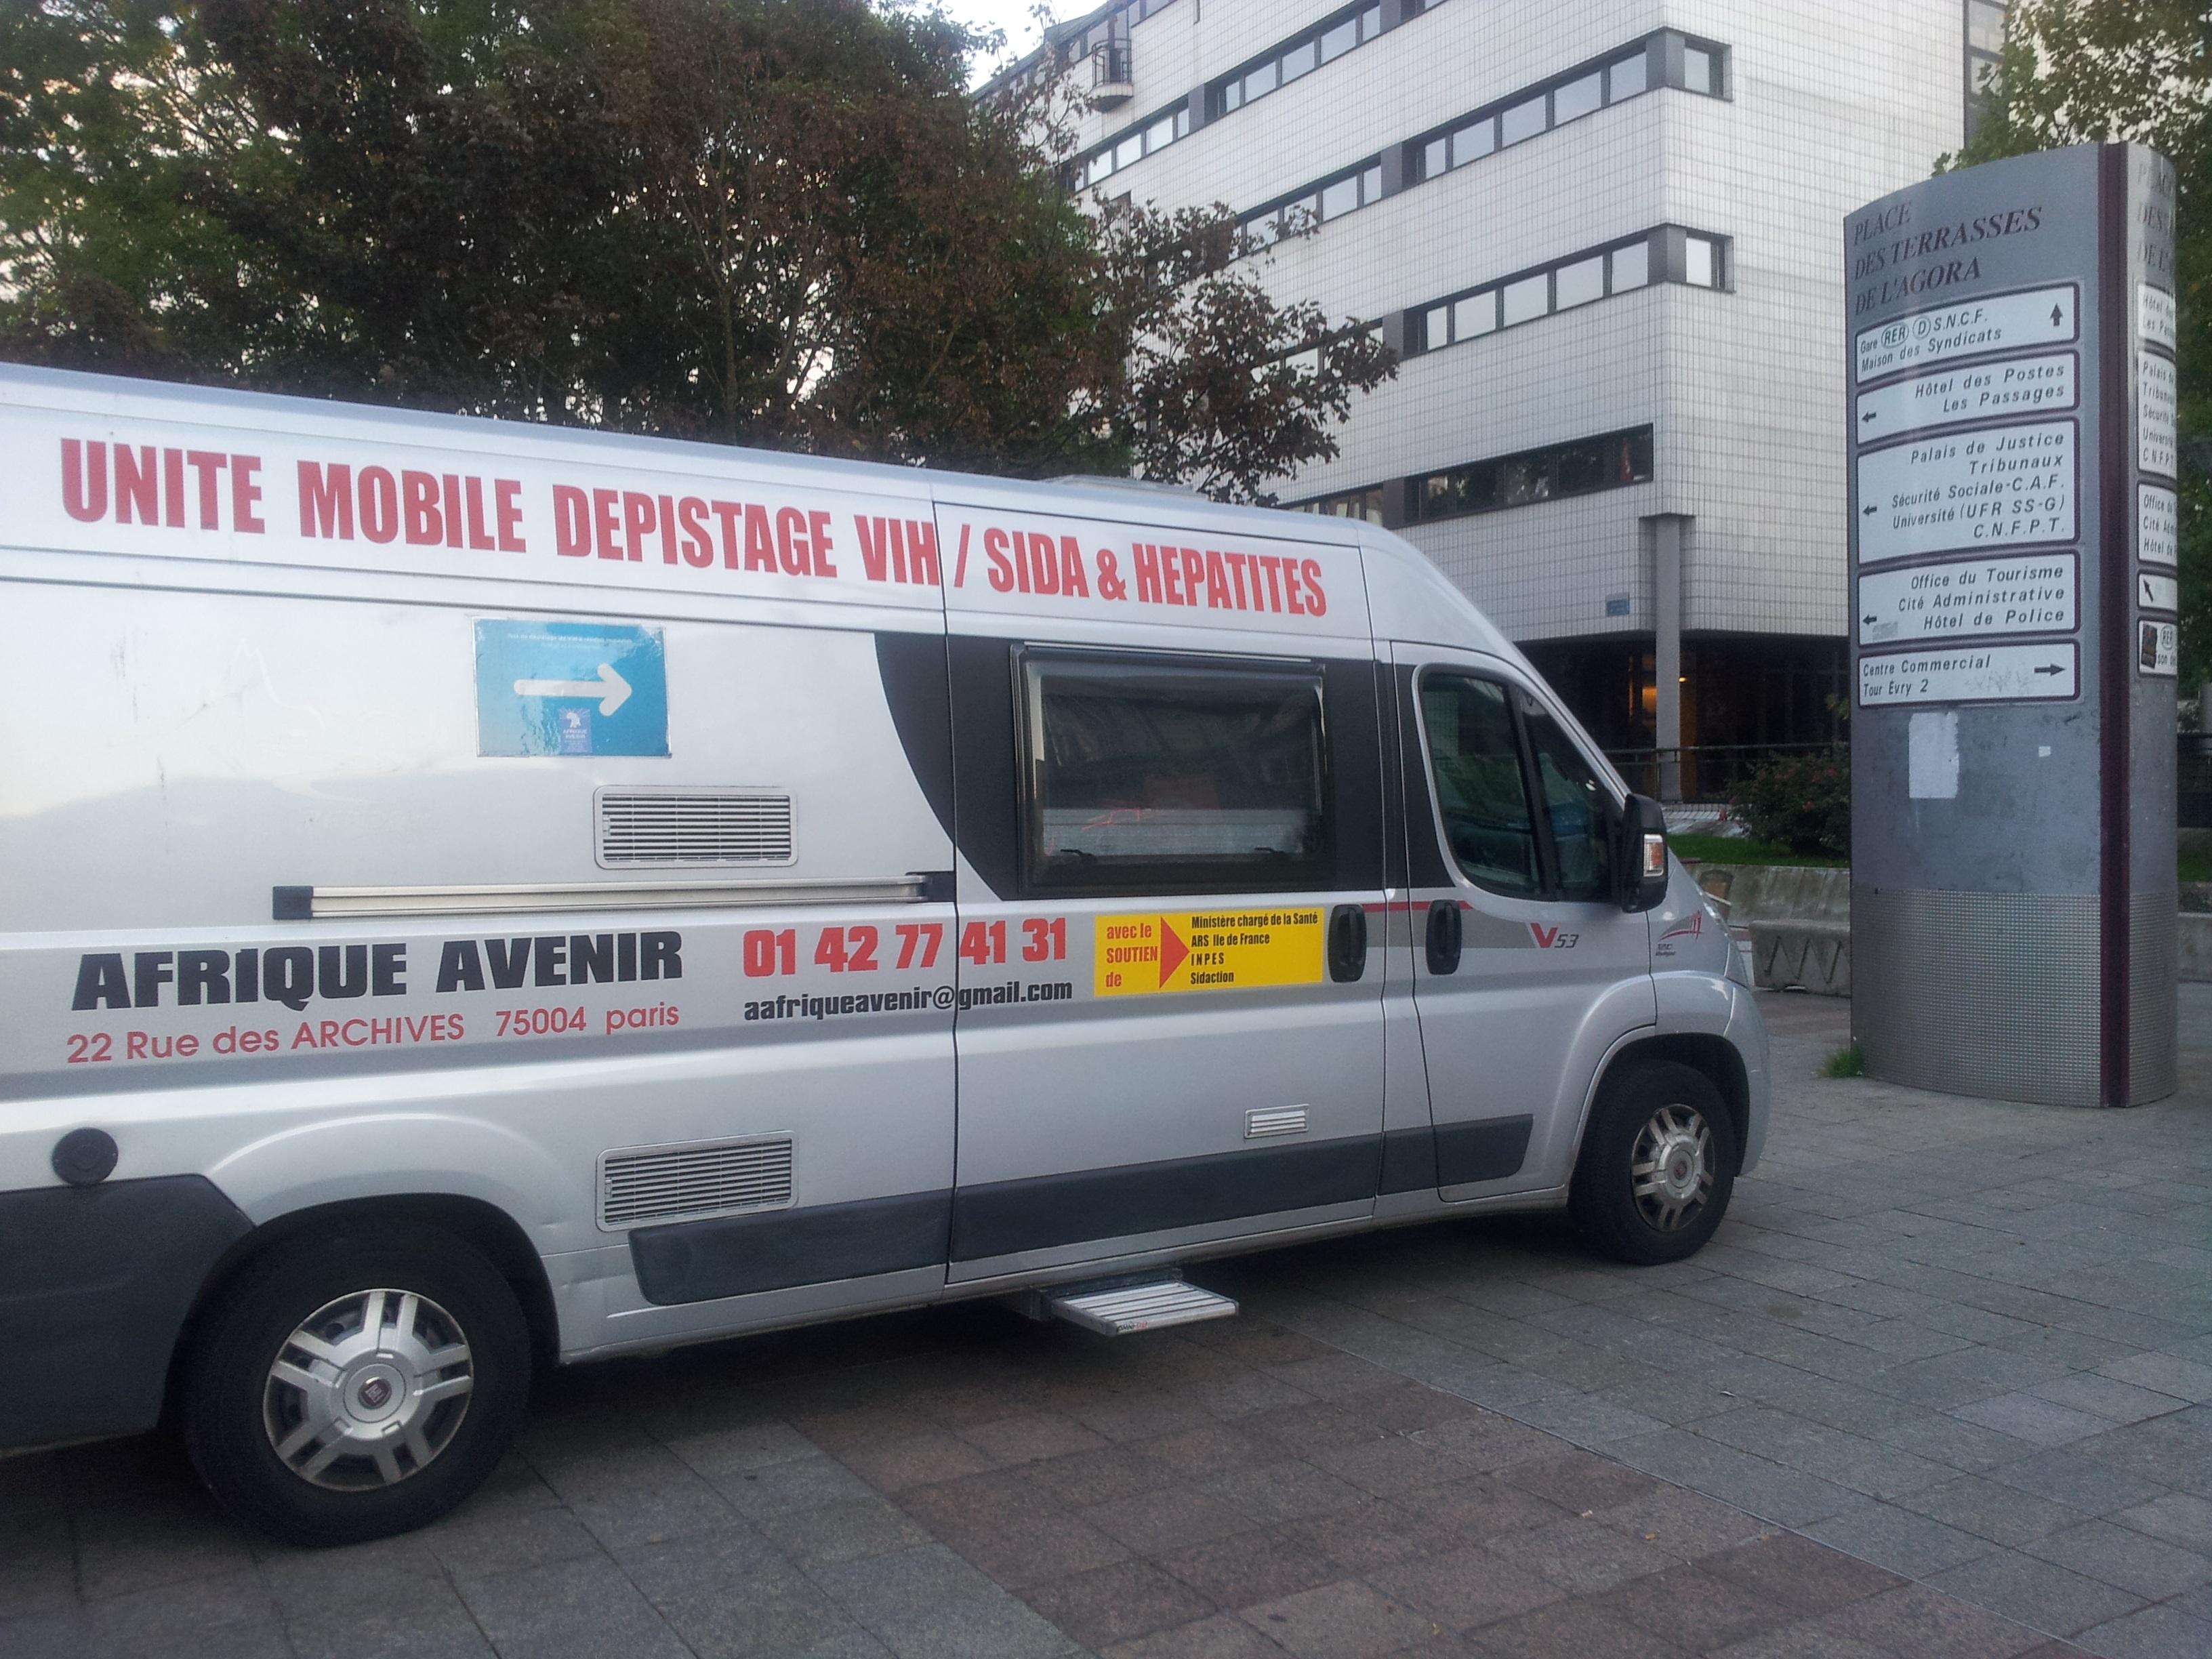 unité mobile de dépstage du VIH et Hépatites